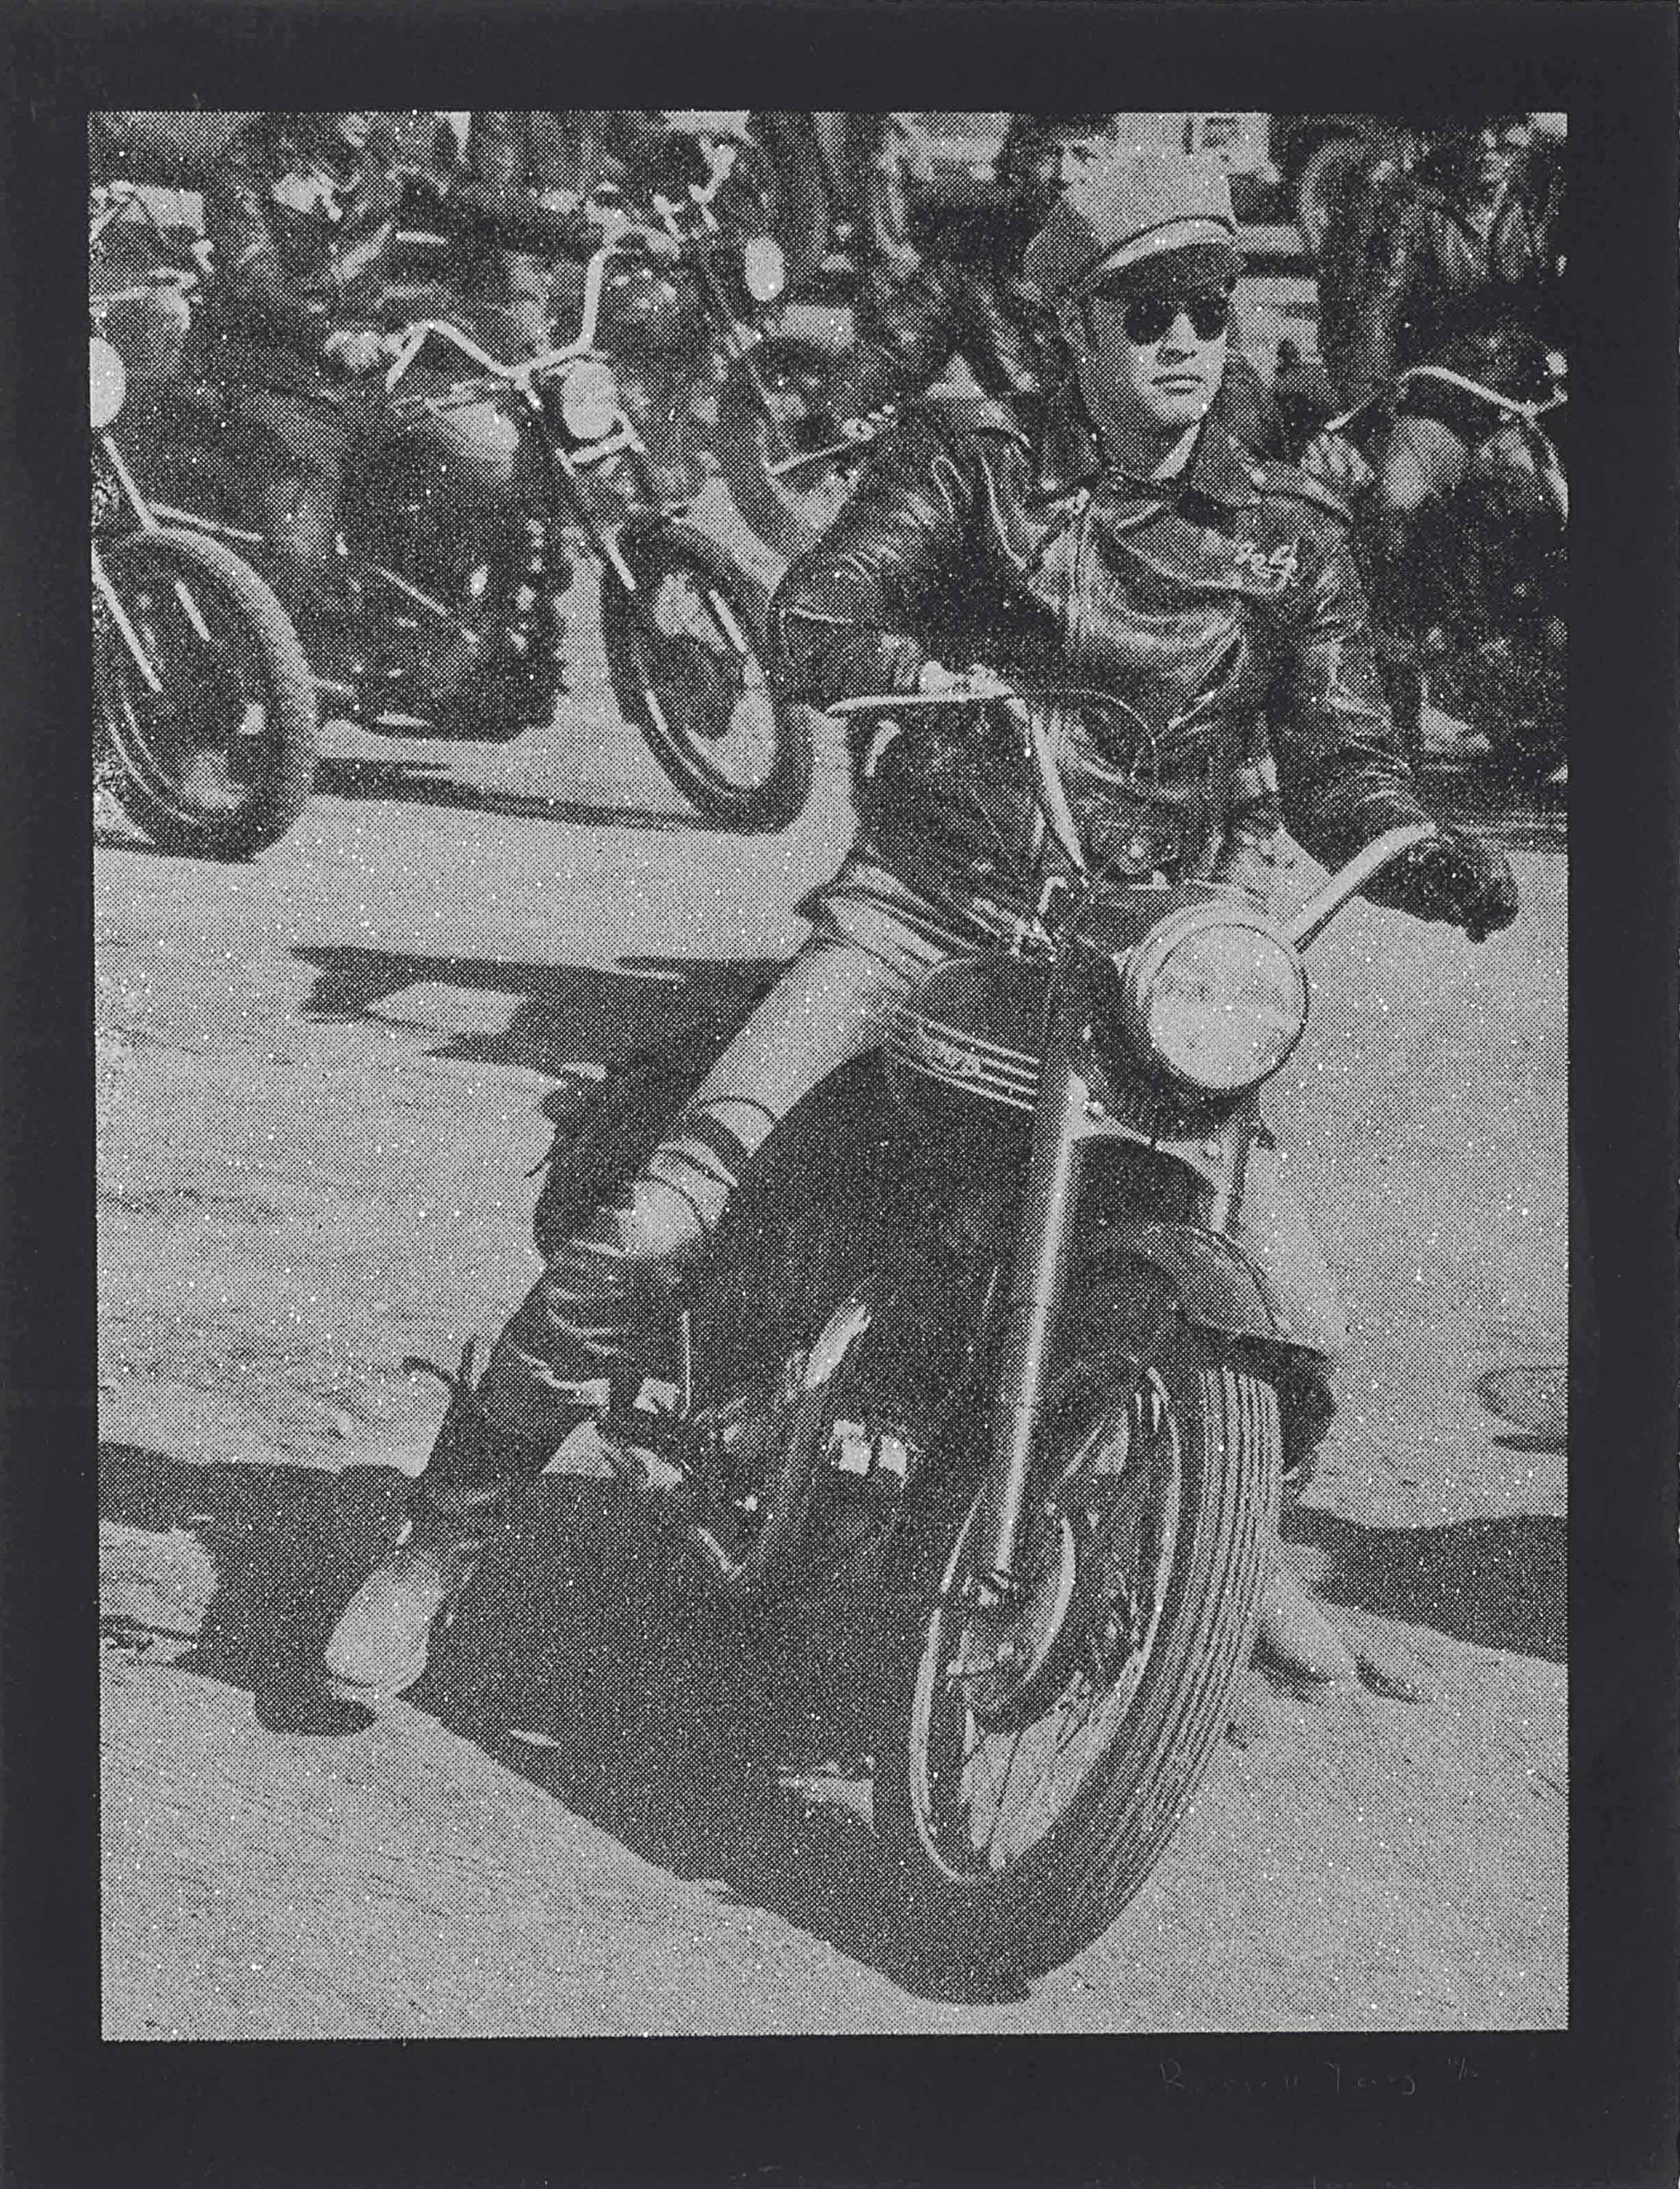 Brando Bike